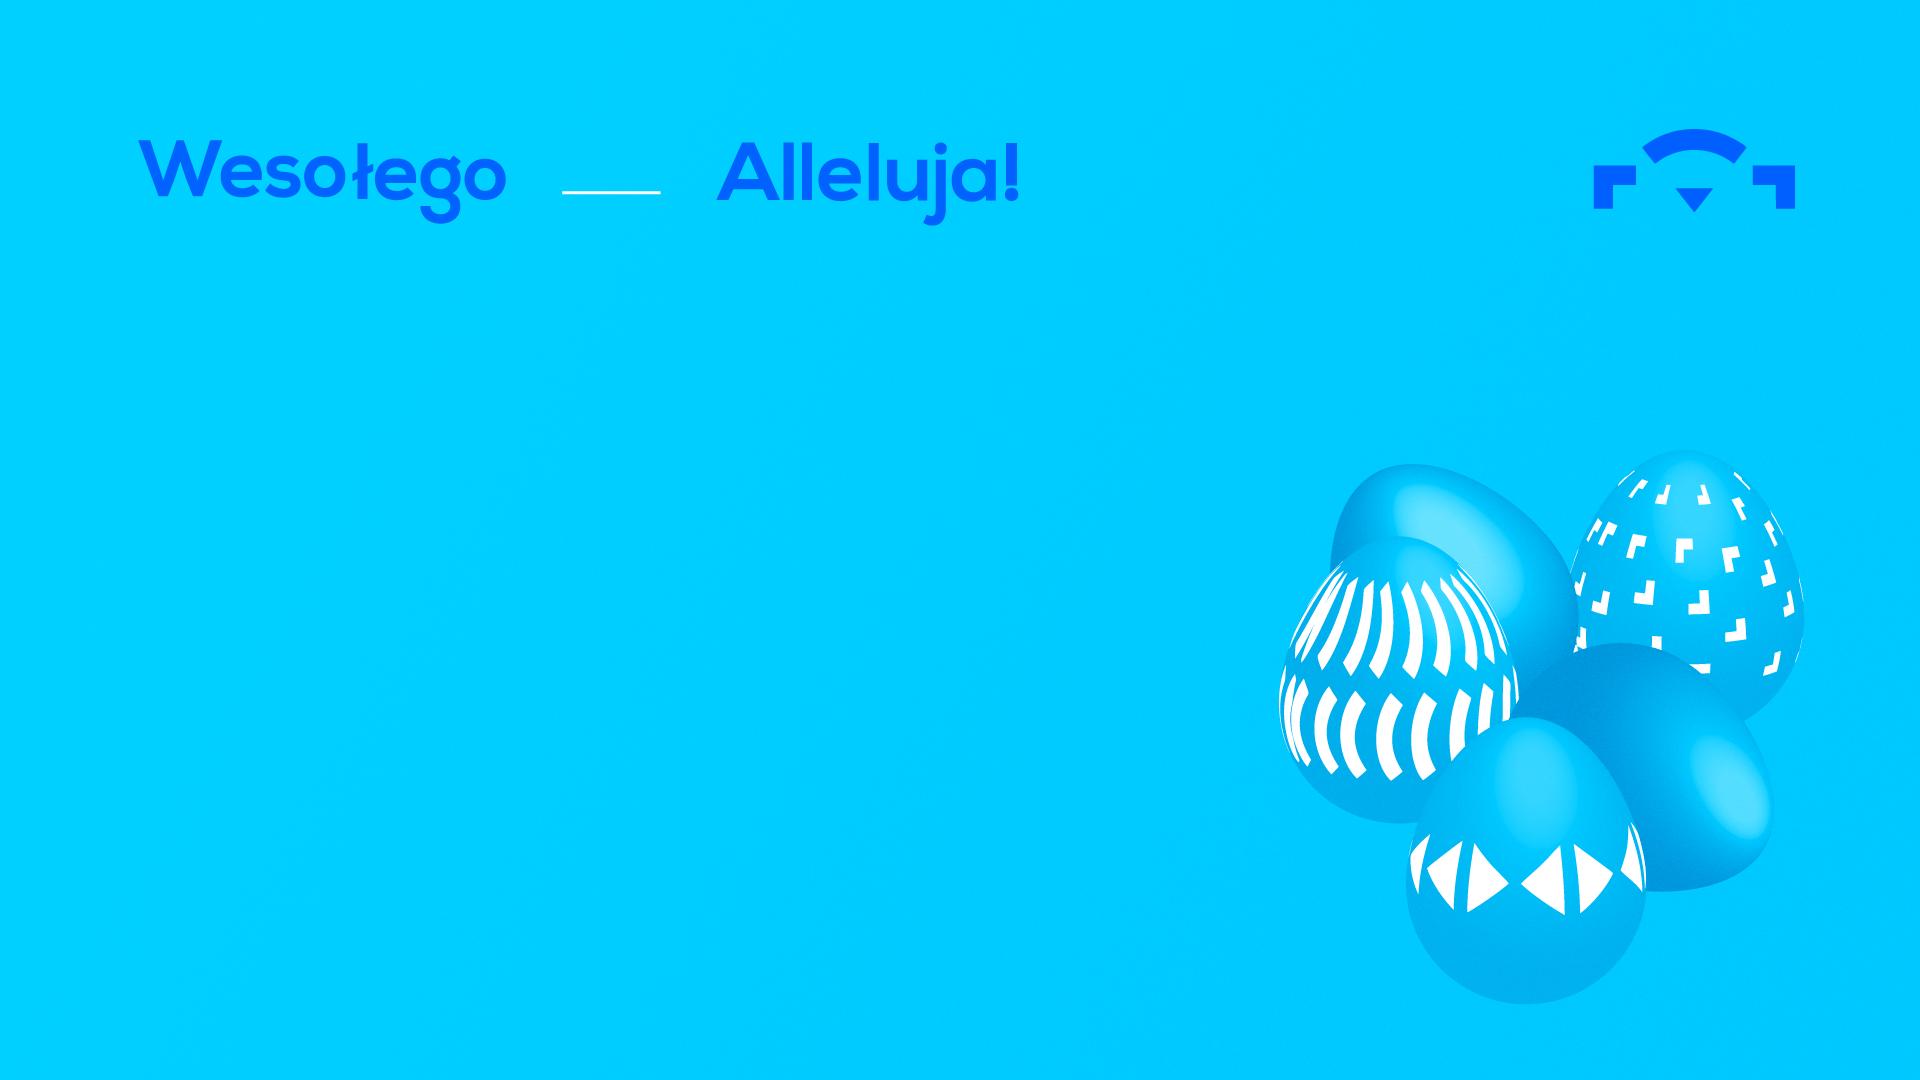 niebieska kartka świąteczna z niebieskimi jajkami po prawej stronie. U góry napis Wesołego Alleluja